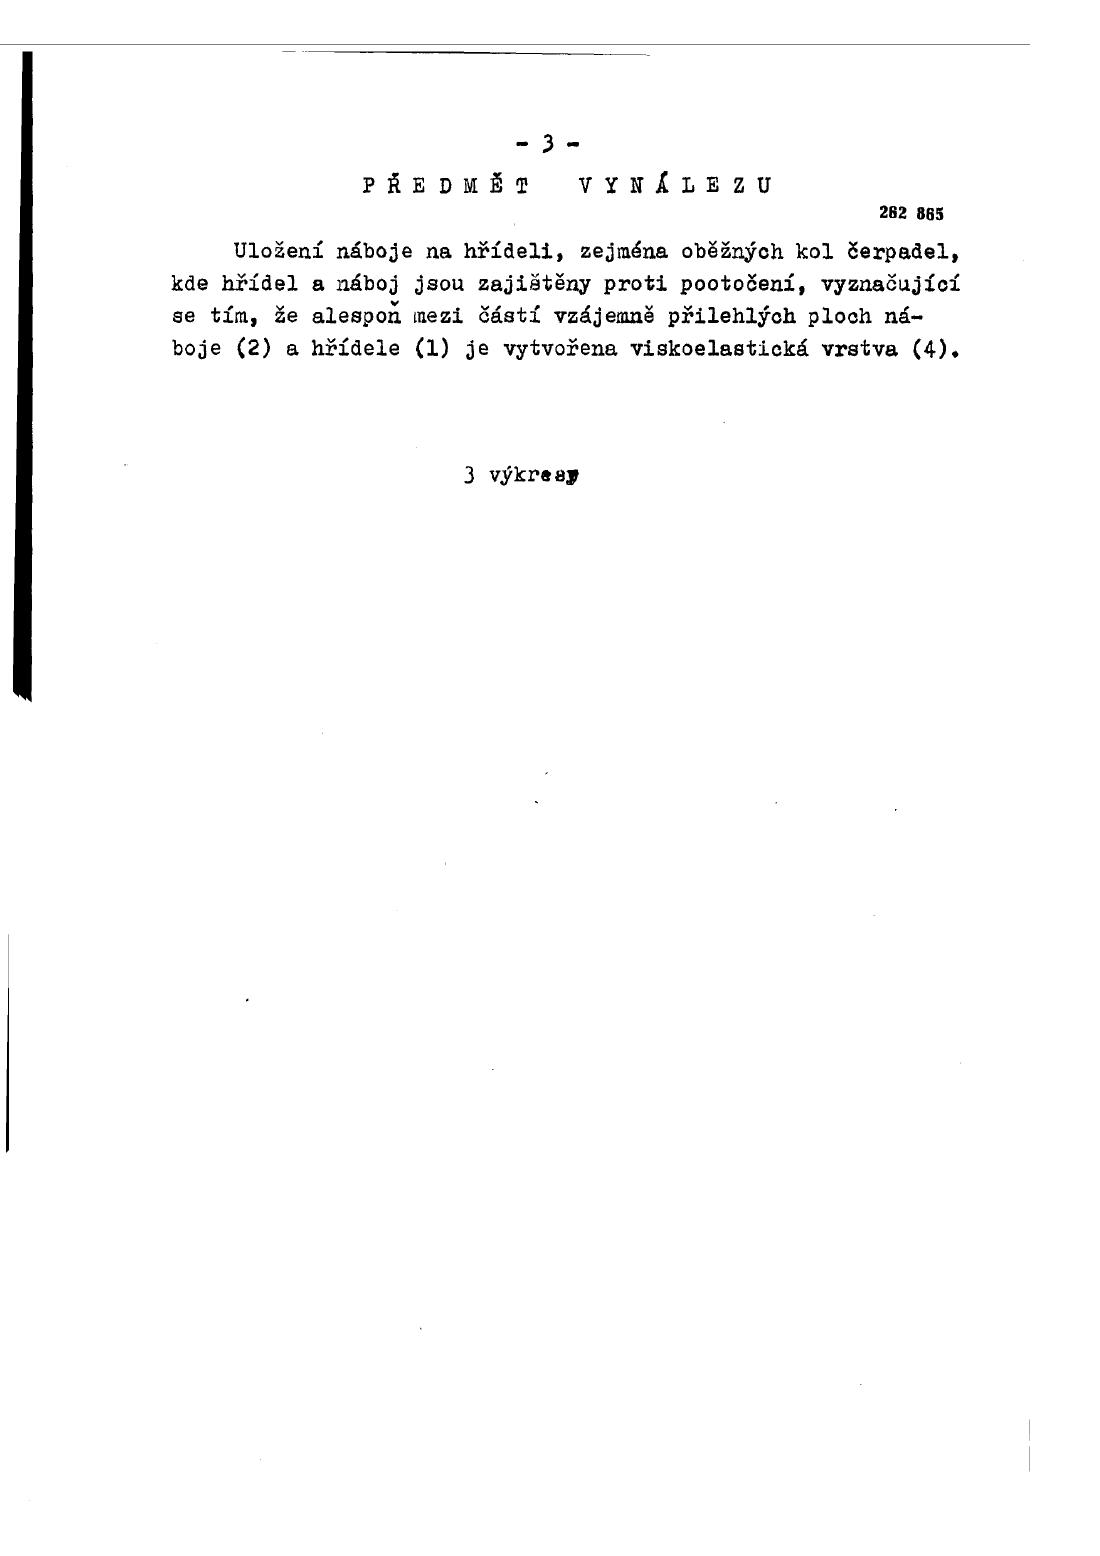 Ulozeni Naboje Na Hrideli 11 04 1989 262865 Databaza Patentov